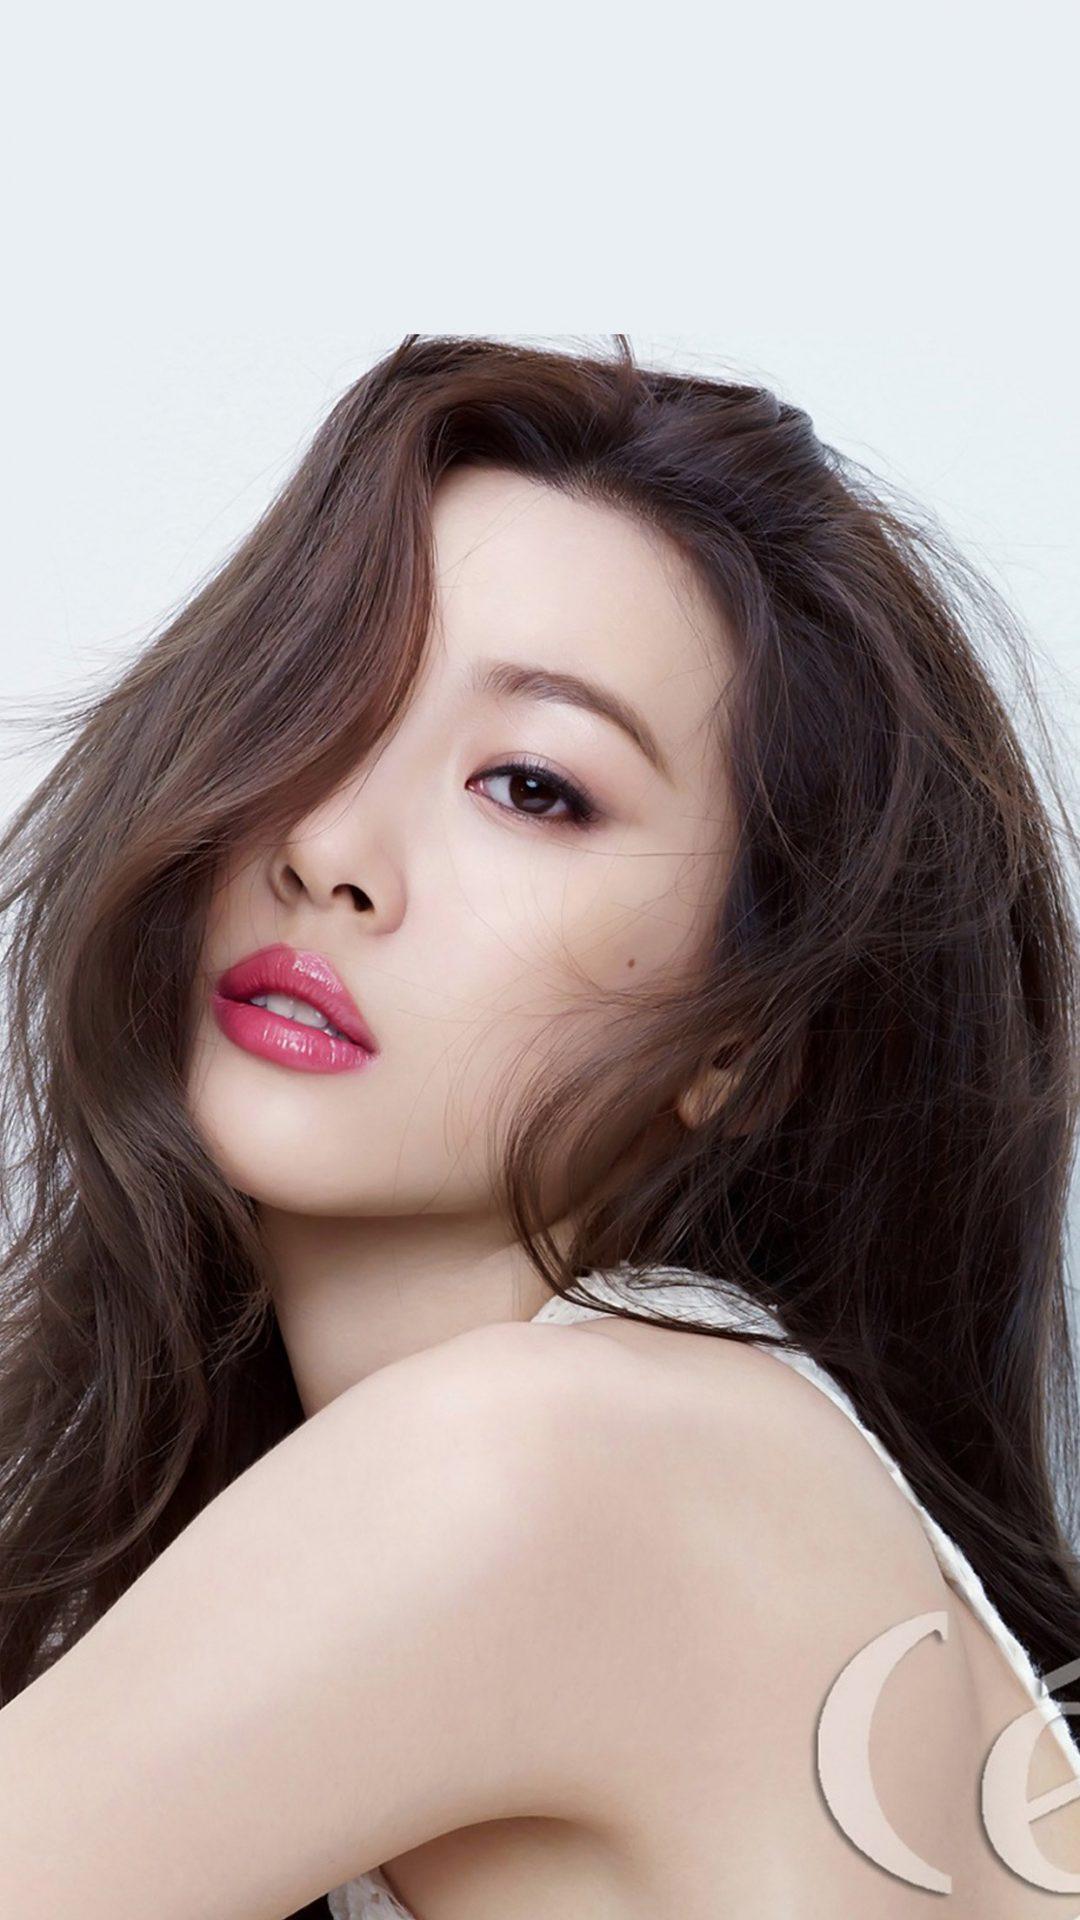 Kpop Jyp Girl White Asian Sunmi